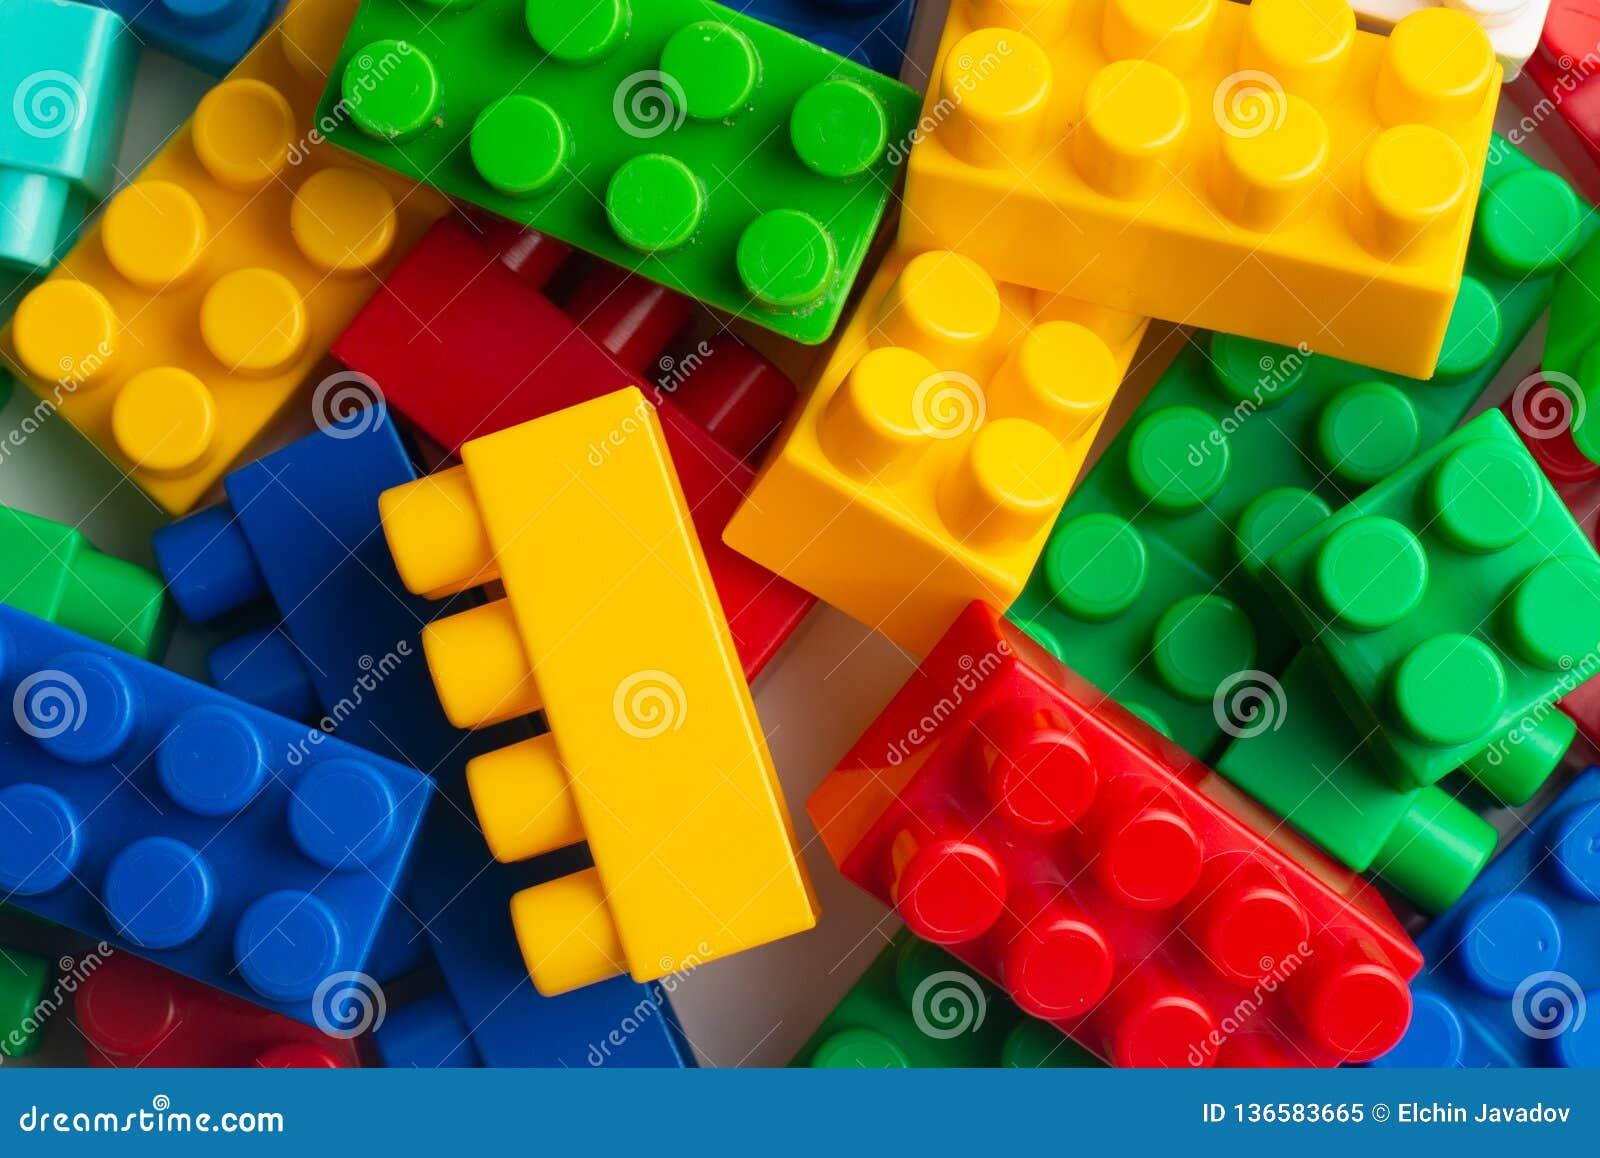 Kinderentwicklung, Bausteine, Hochbau und Lastwagen